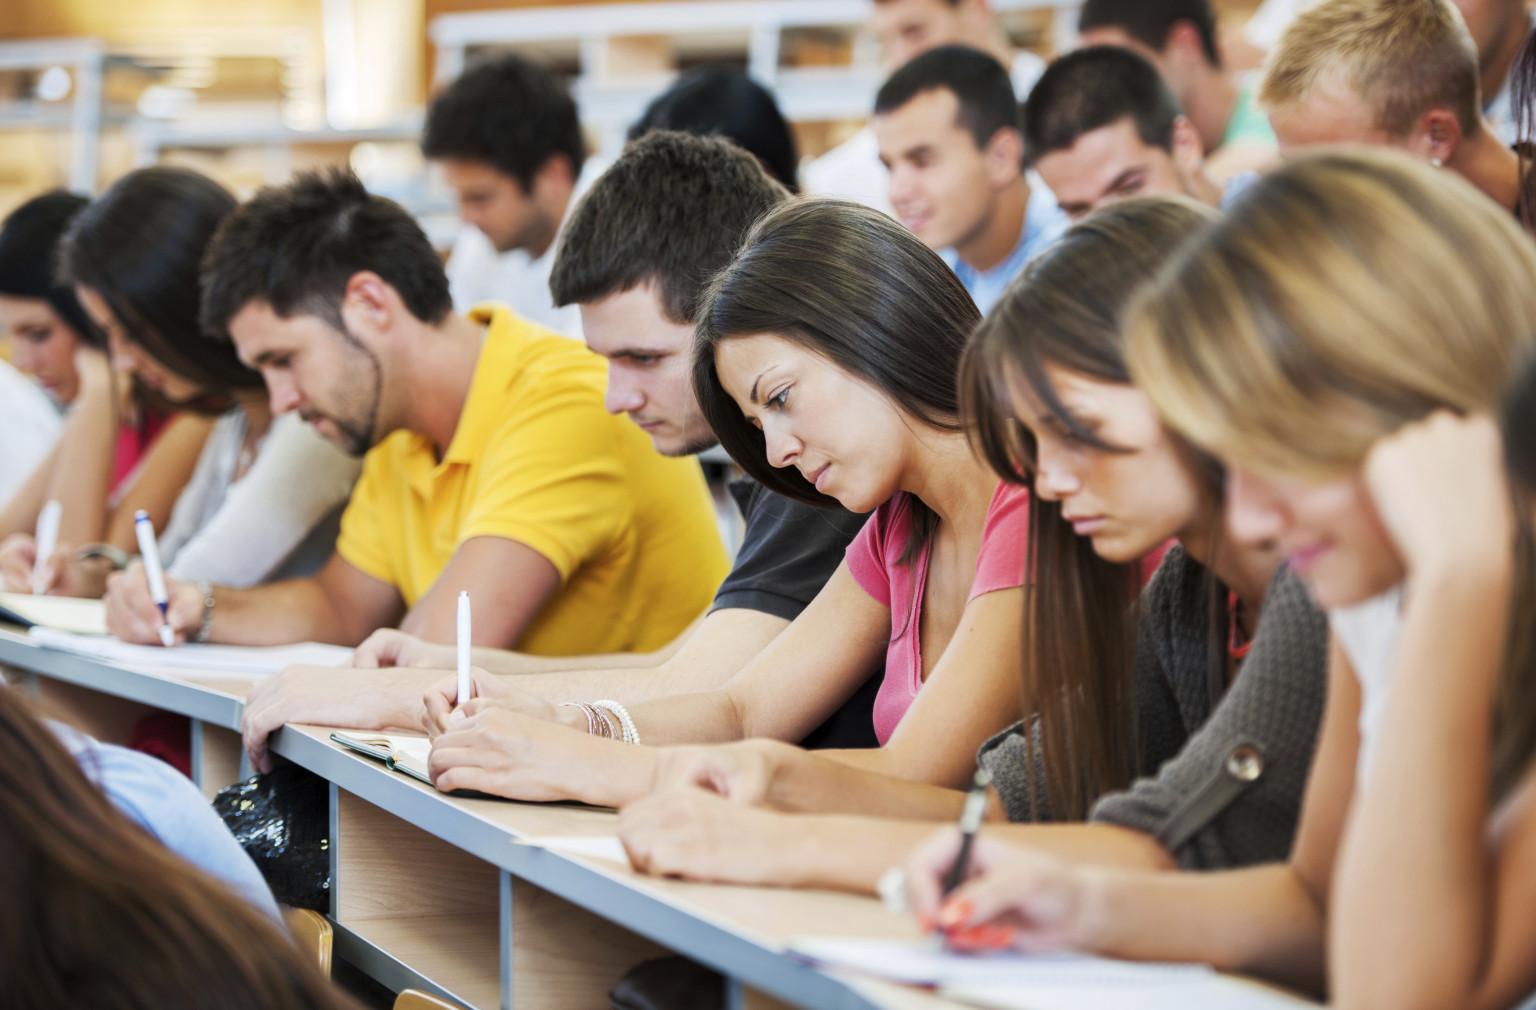 Sinh viên quốc tế bắt buộc phải đảm bảo việc học trong quá trình làm thêm